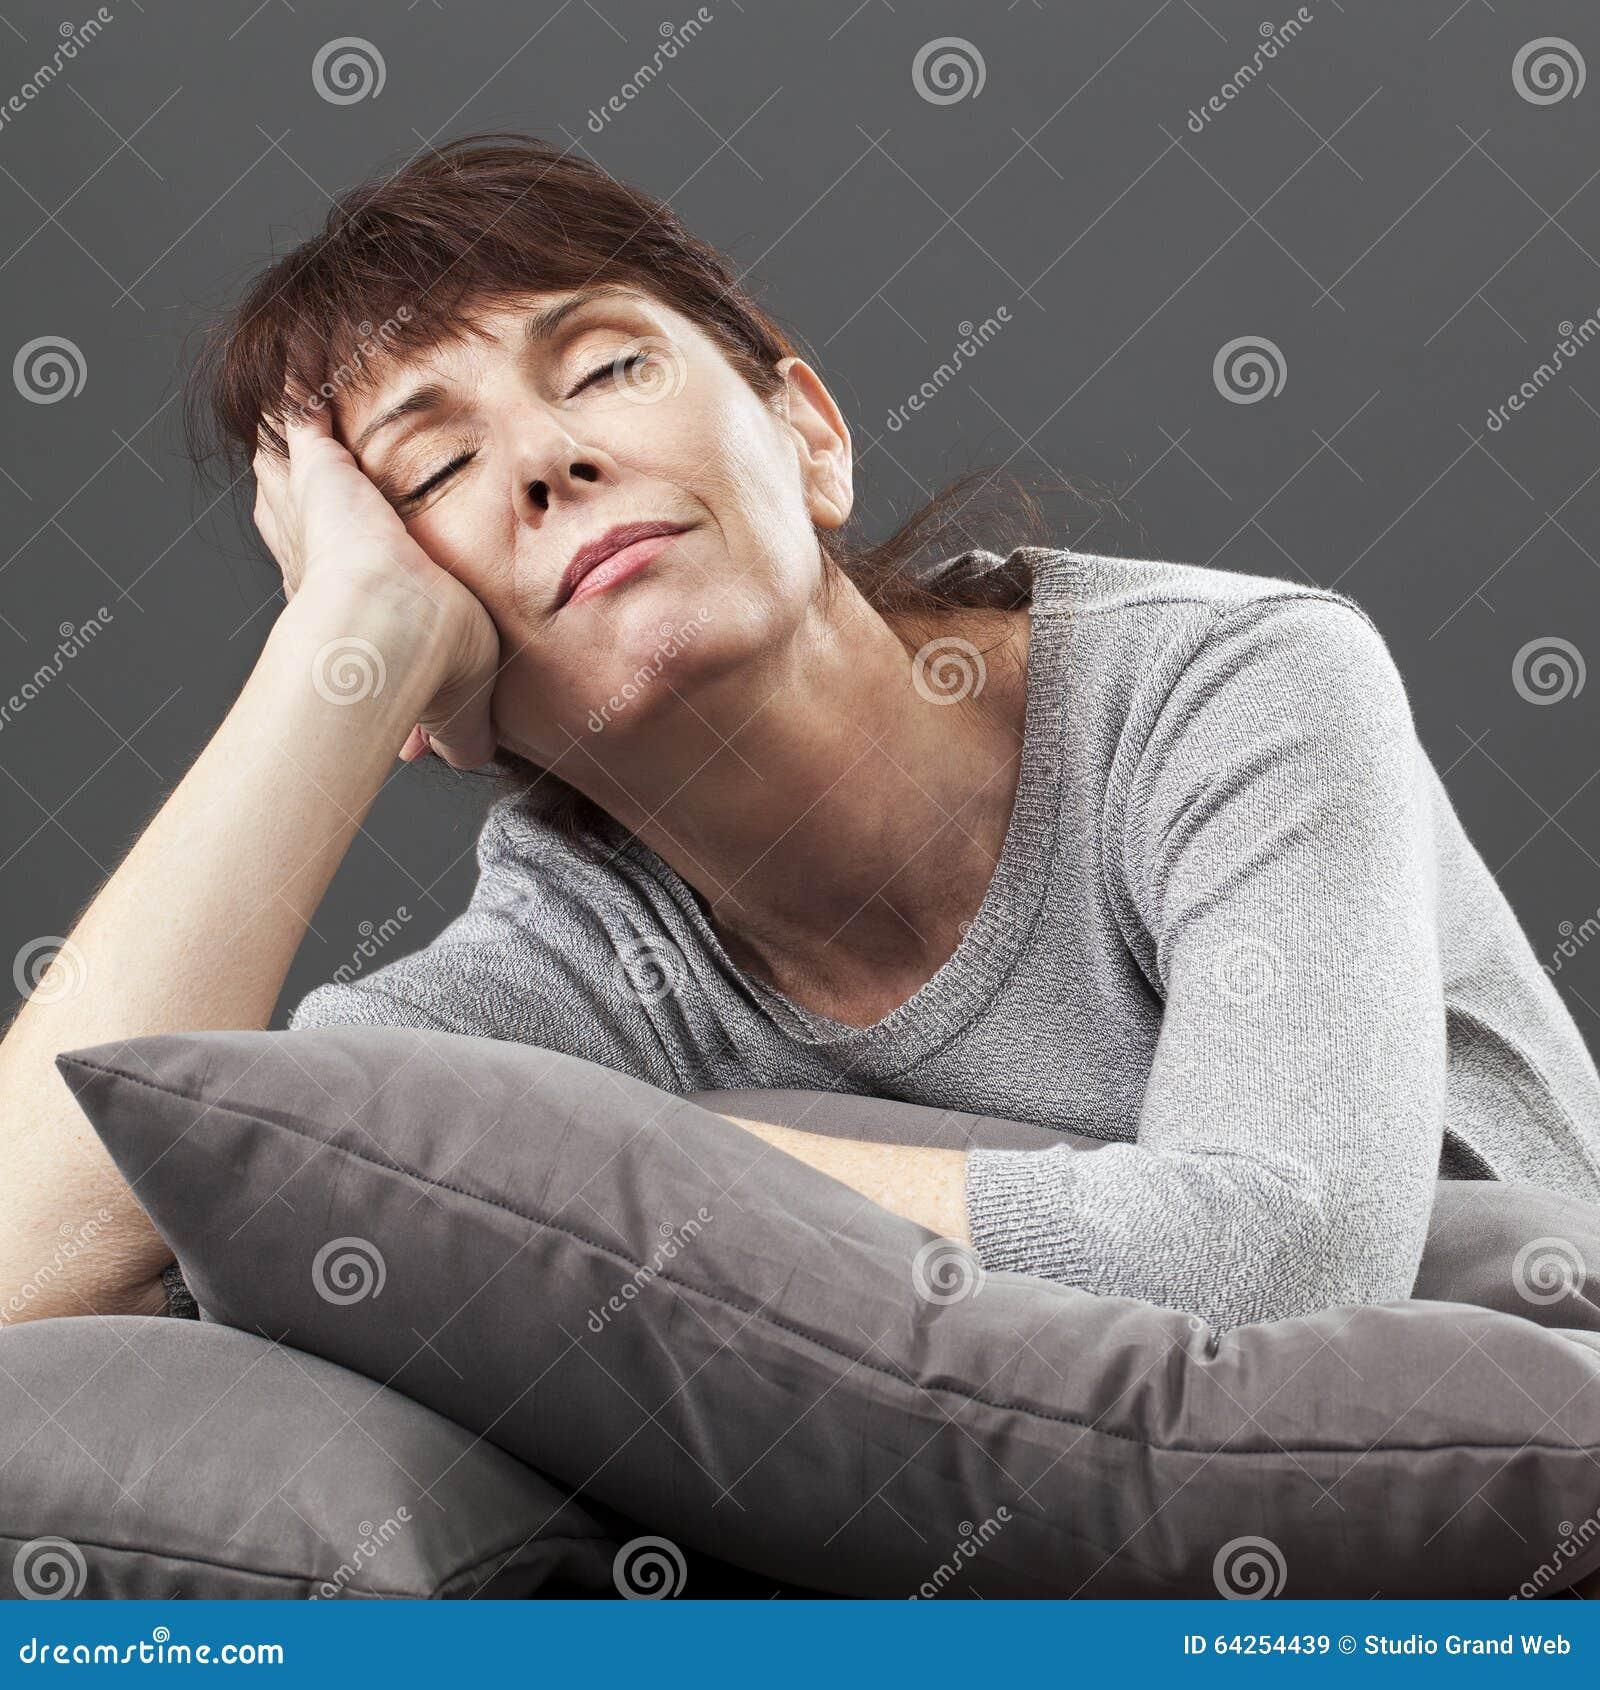 Abrandamento do zen para a dormida bonita sereno da mulher 50s